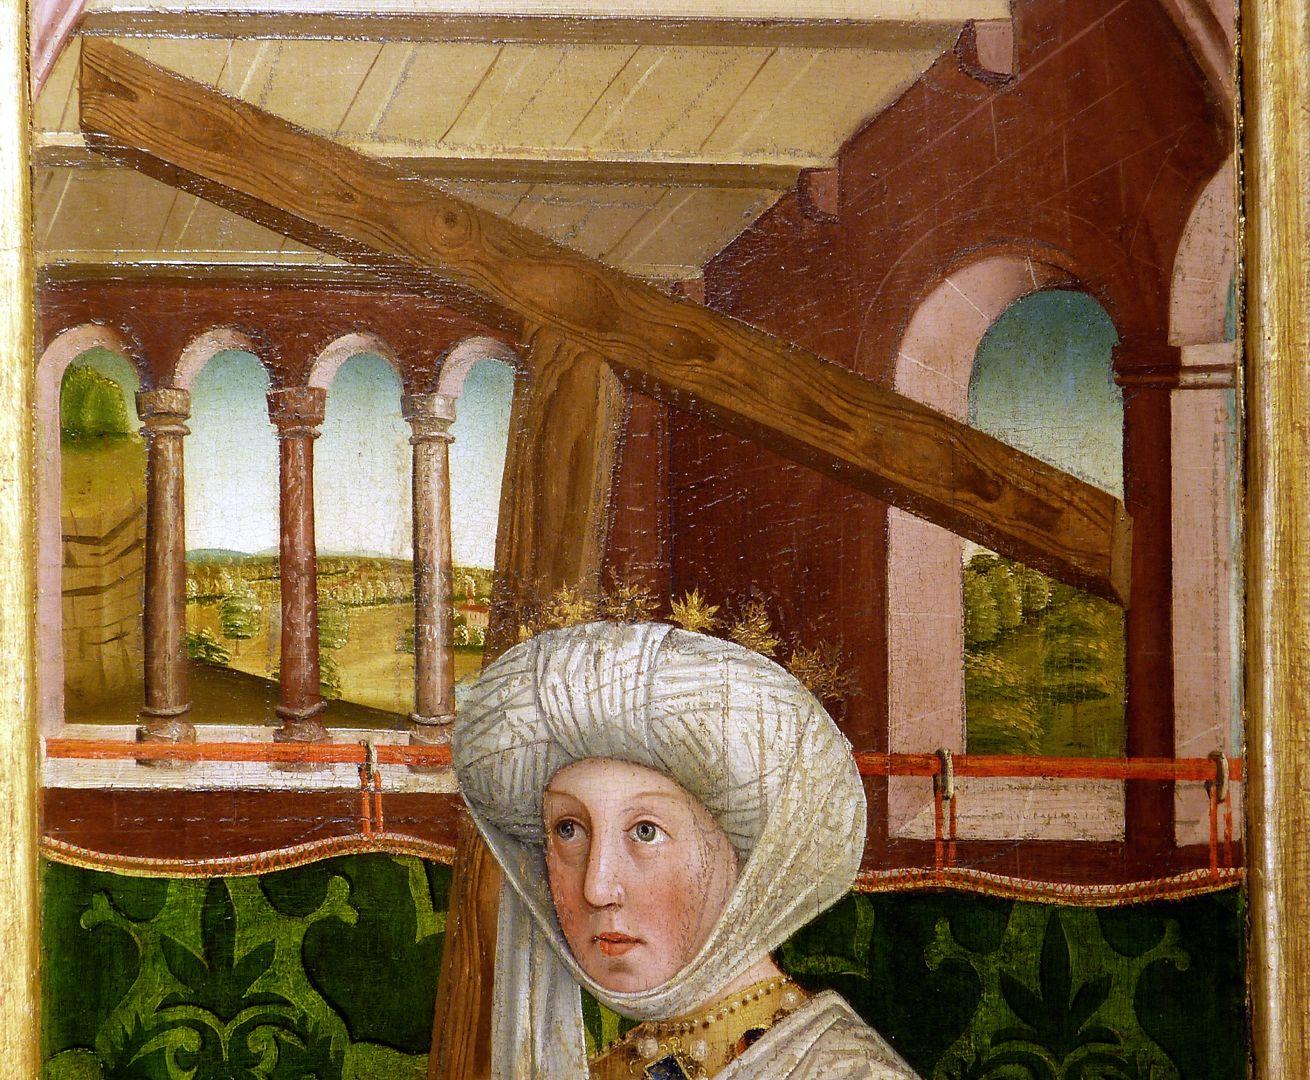 Krell-Altar rechte äußere Seitentafel mit St. Helena, oberes Bilddrittel mit Blick in einen Innenraum und Landschaft